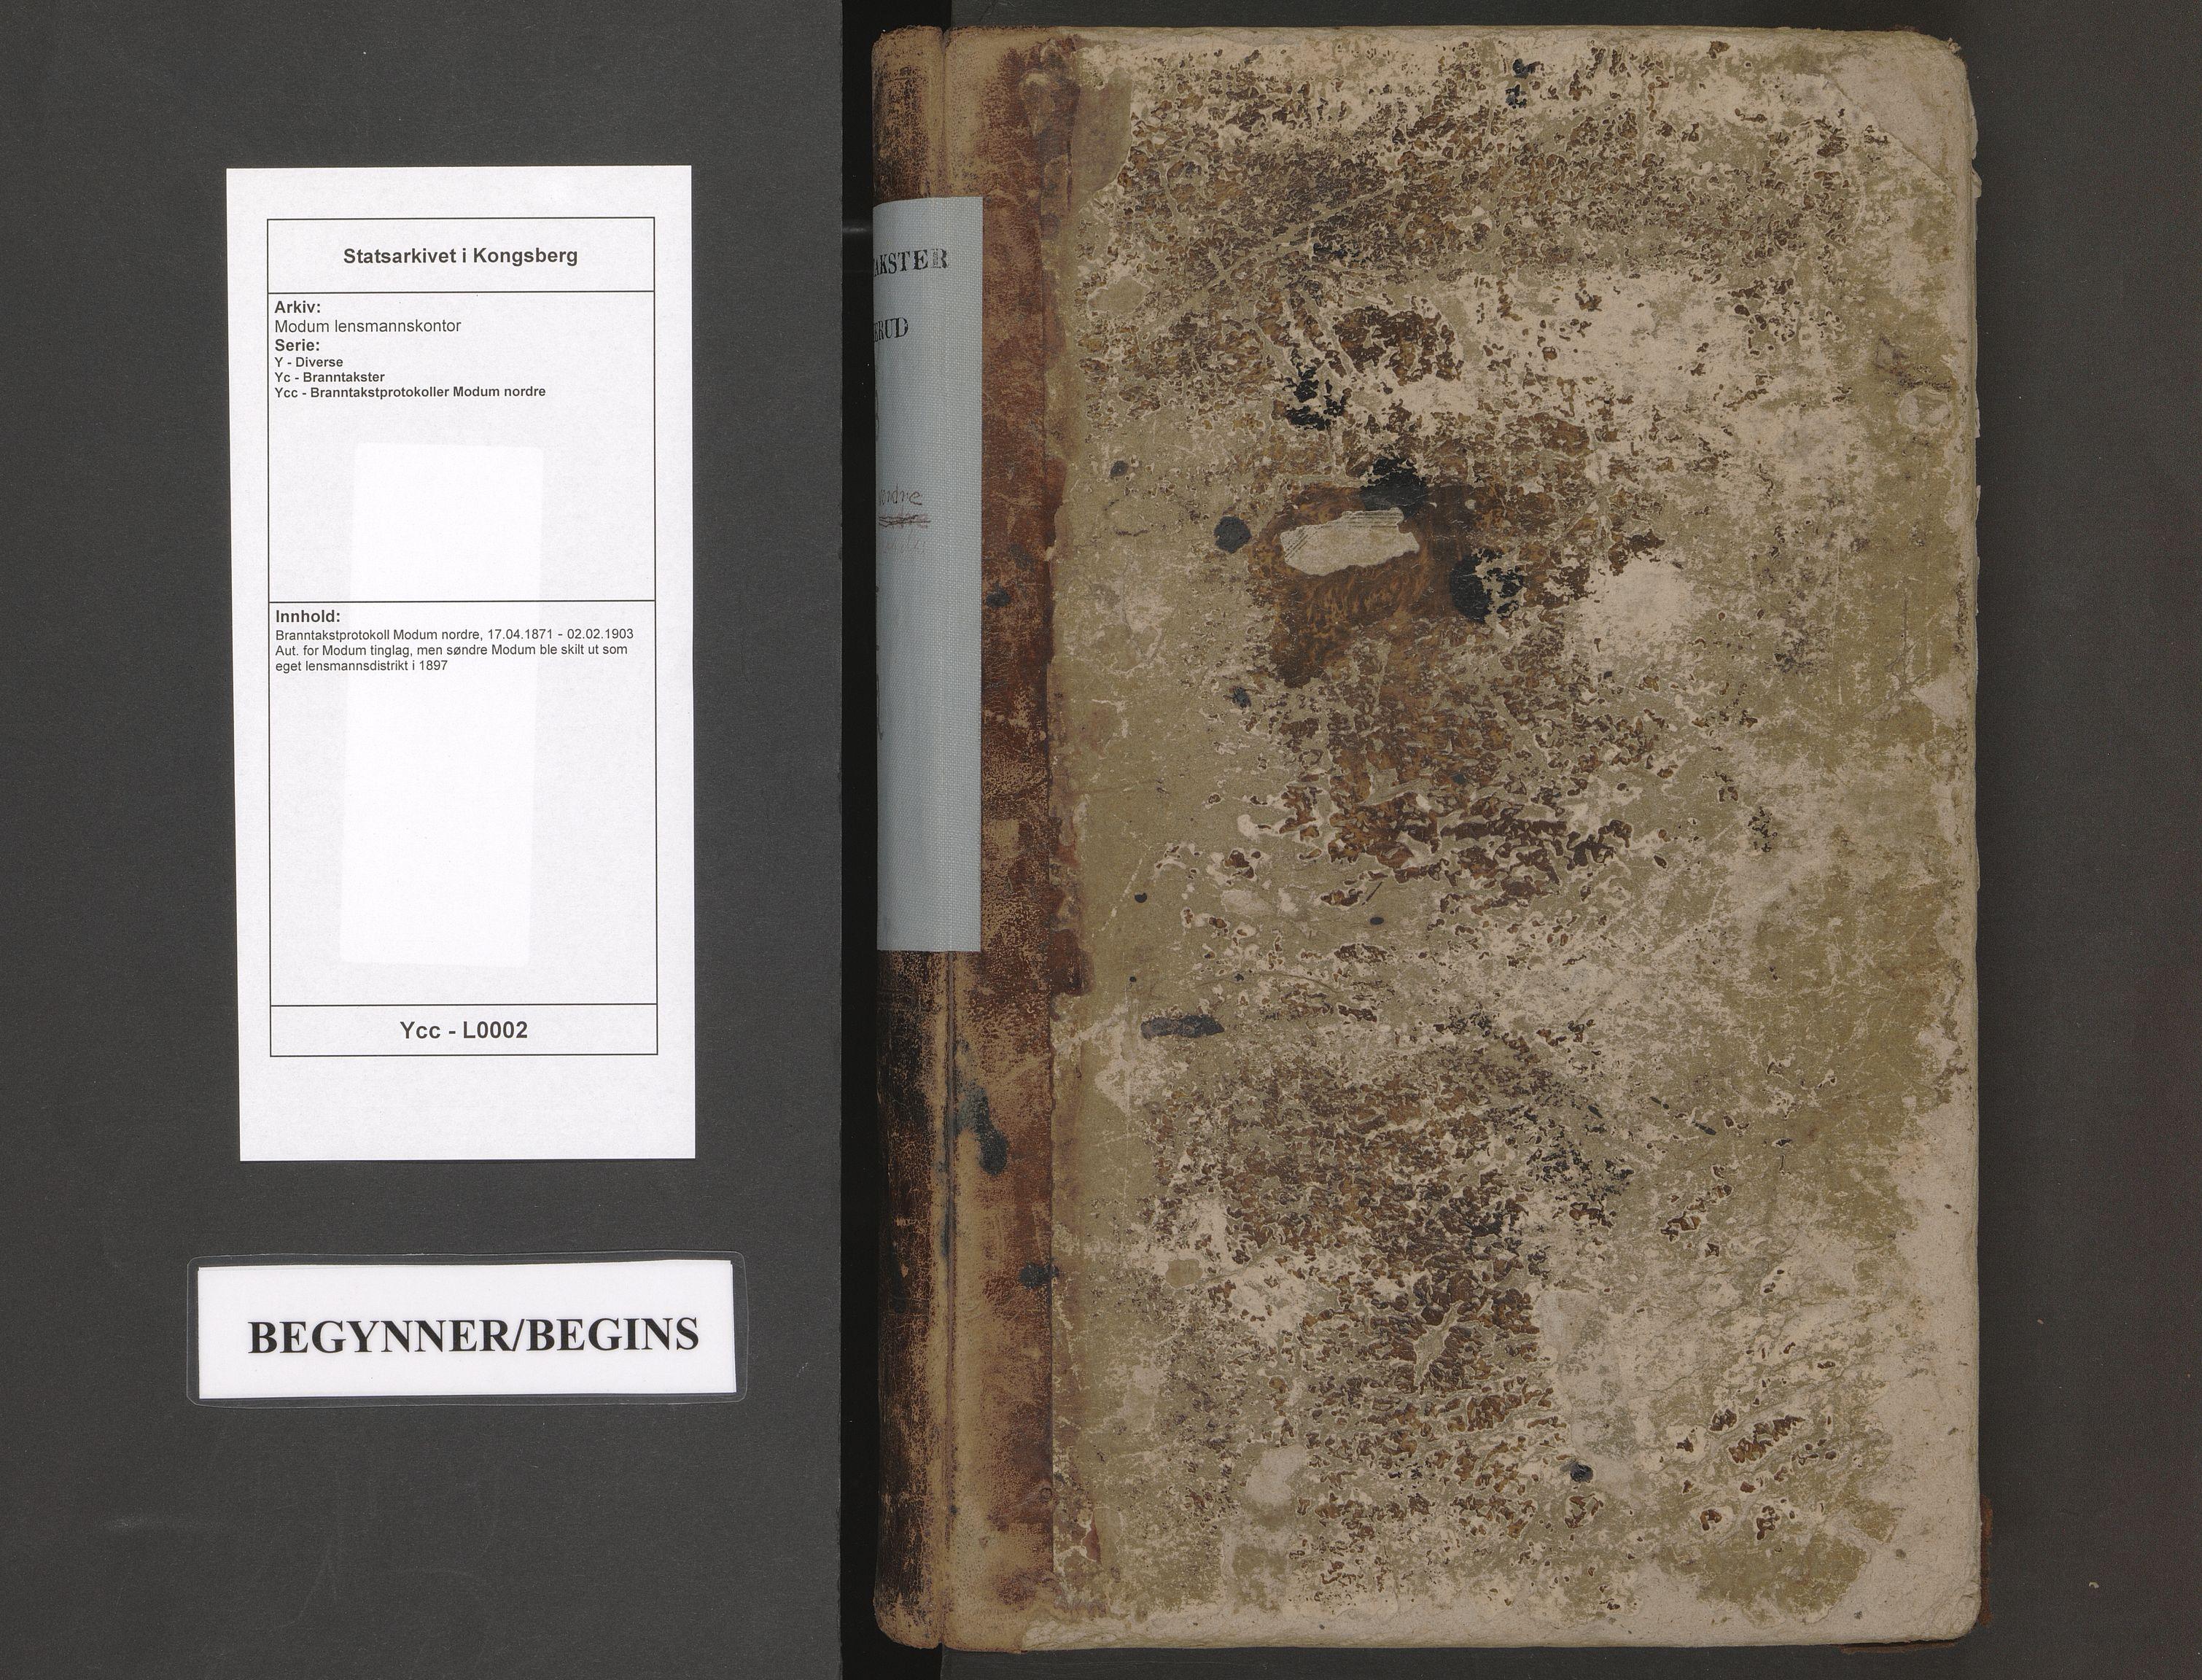 SAKO, Modum lensmannskontor, Y/Yc/Ycc/L0002: Branntakstprotokoll Modum nordre, 1871-1903